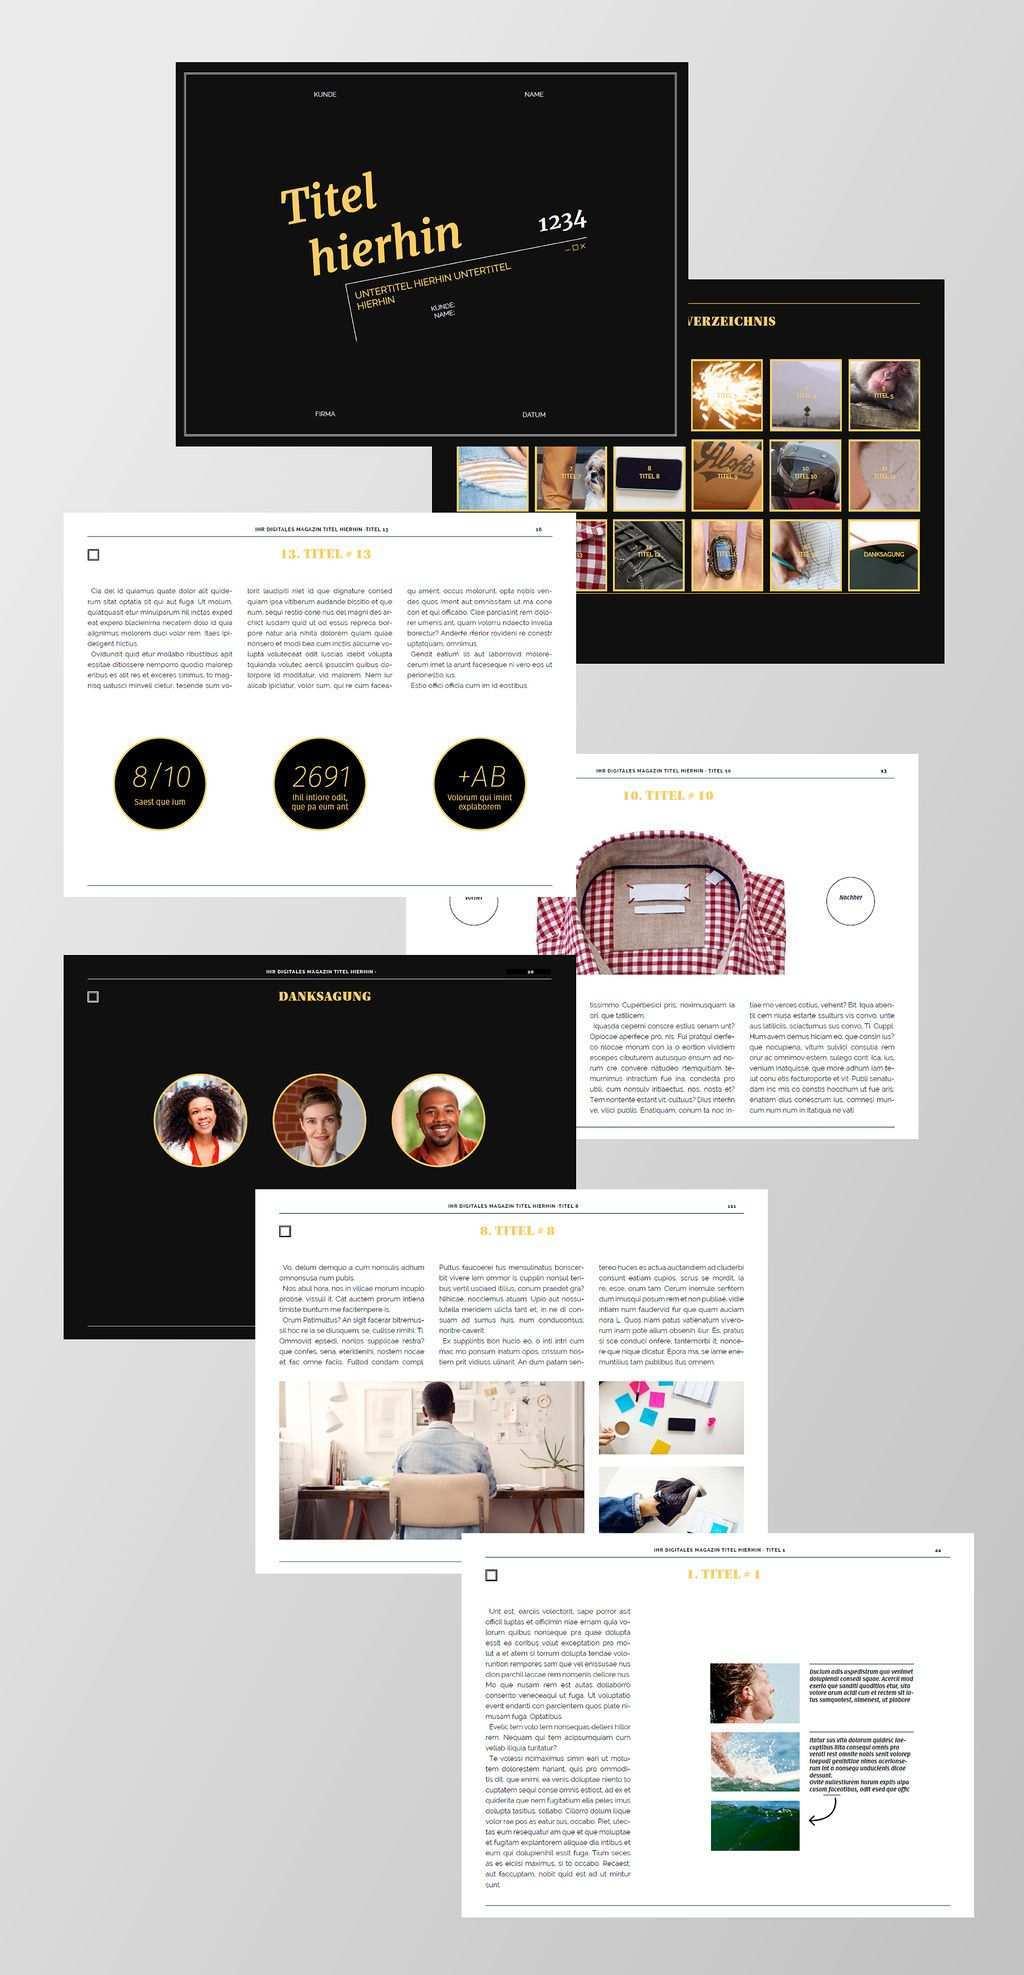 Kostenlose Indesign Vorlagen Fur Magazine Creative Blog By Adobe Indesign Vorlagen Indesign Vorlage Vorlagen